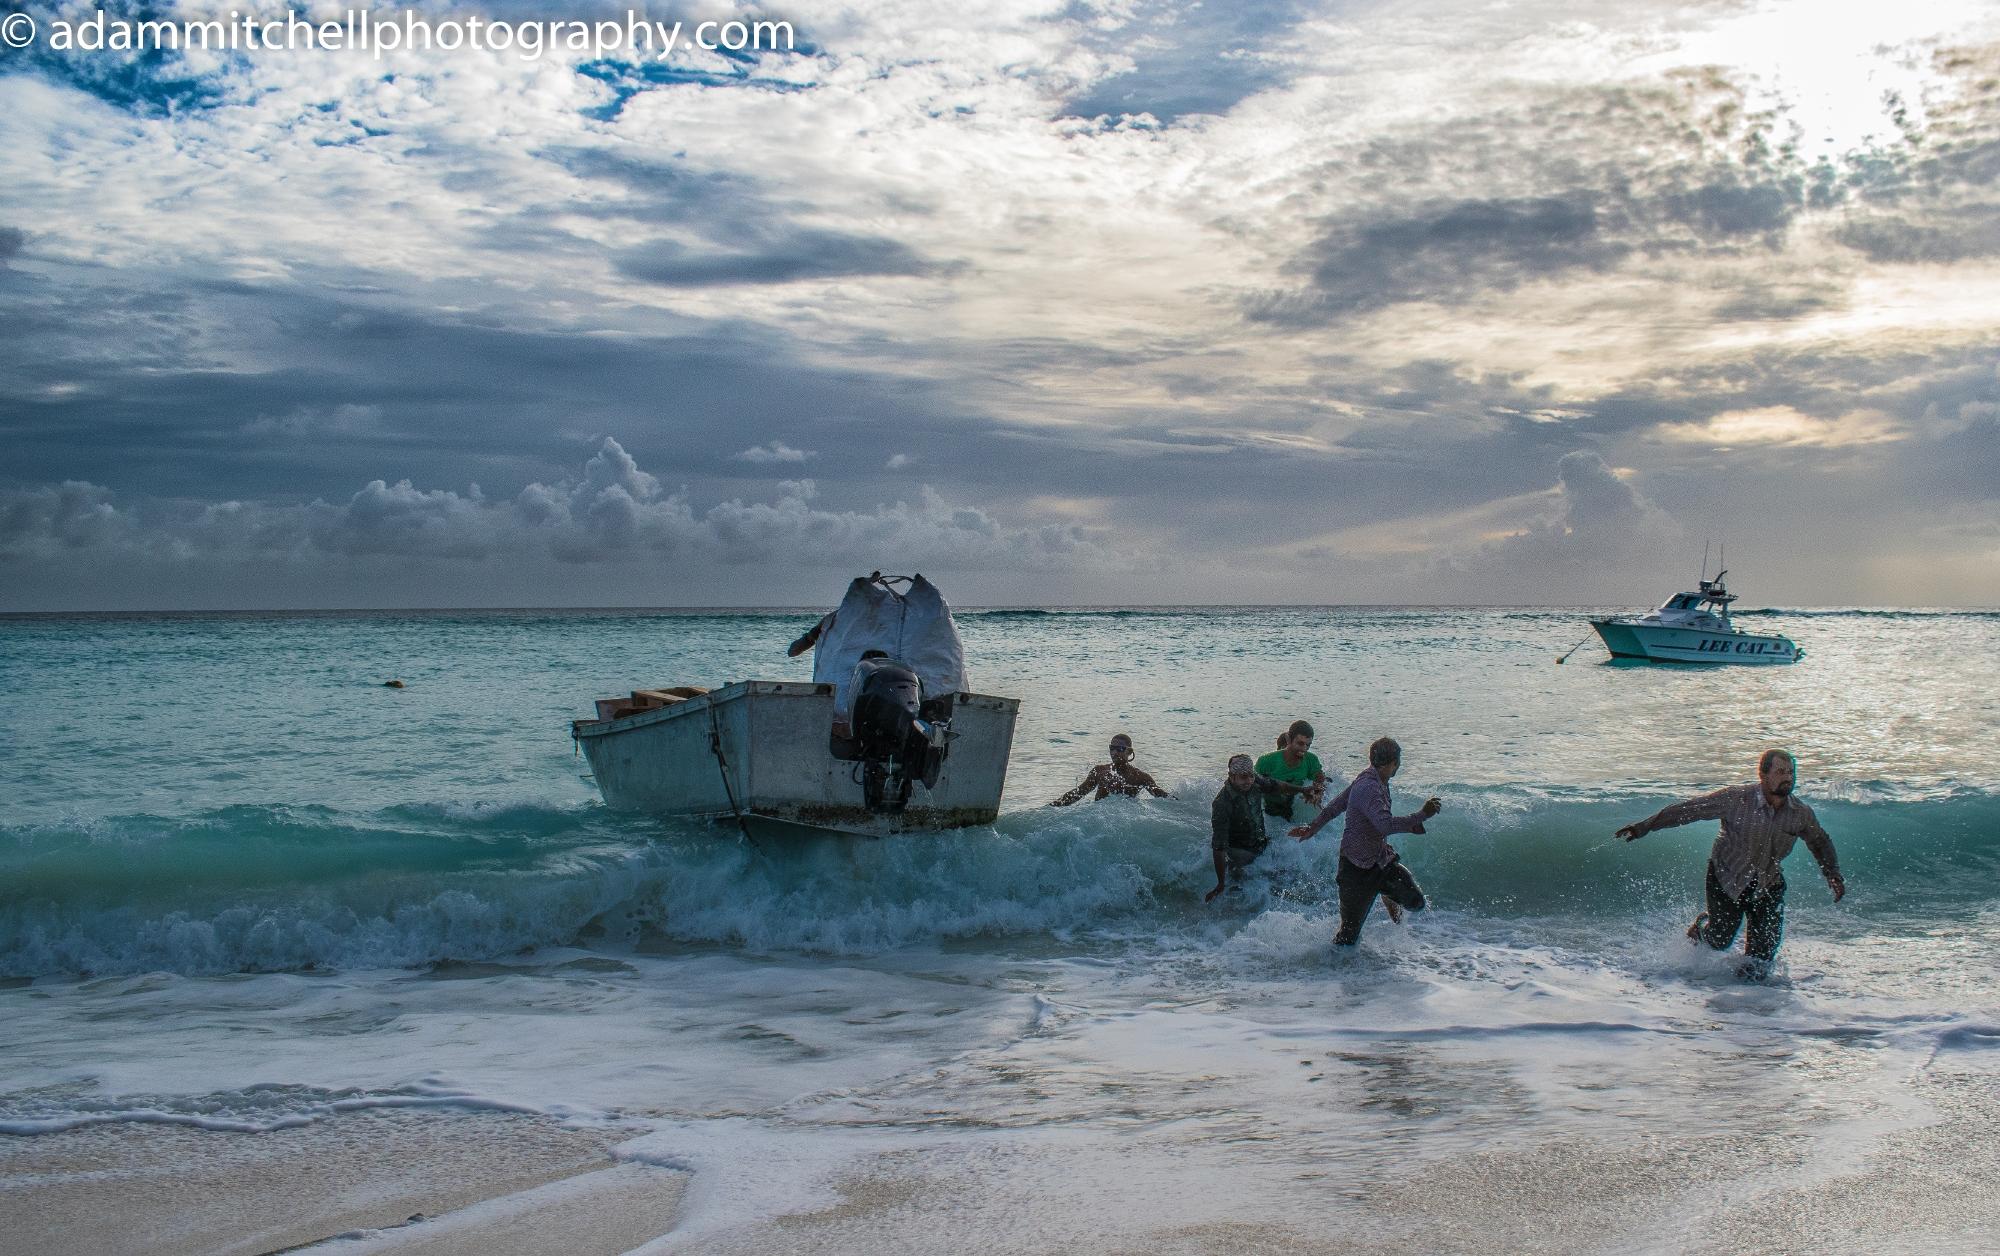 loading the boat, Aldabra